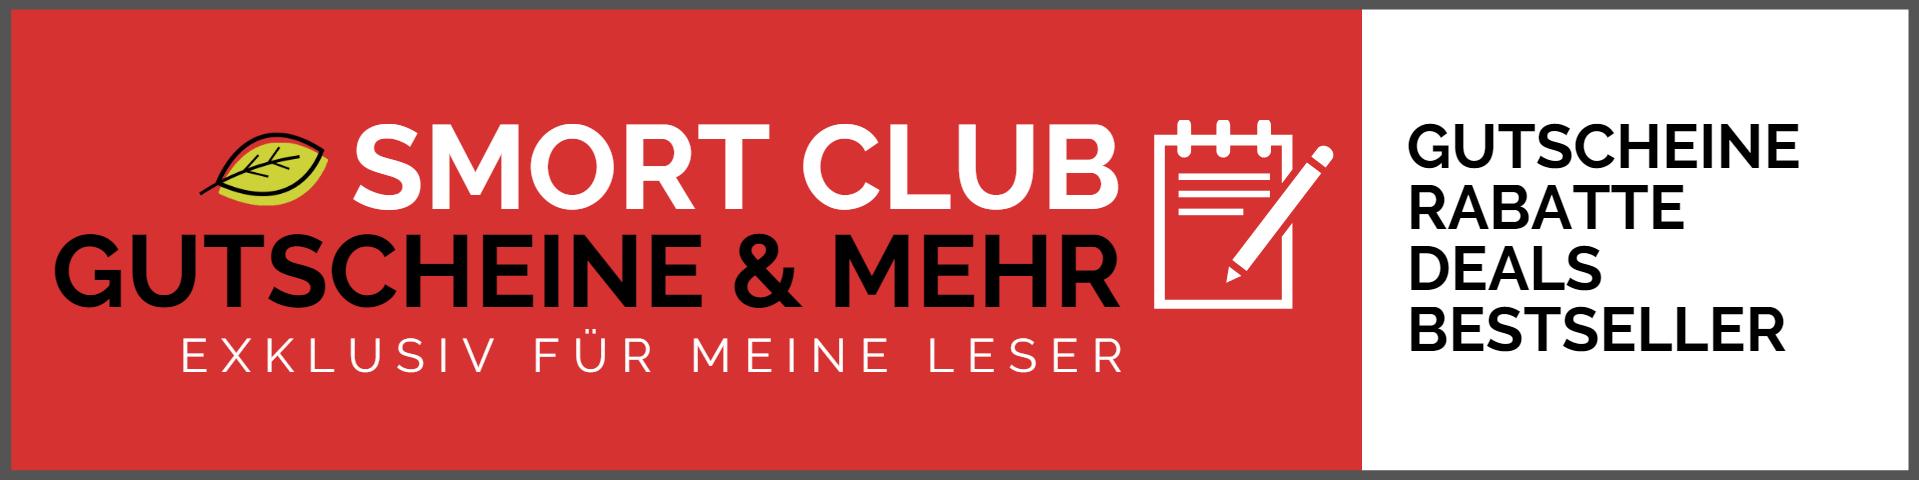 Smort Gutschein Club - exklusive Gutscheine, Rabatte, Deals, Voucher und Bestsellerlisten für Blogleser von smort.de